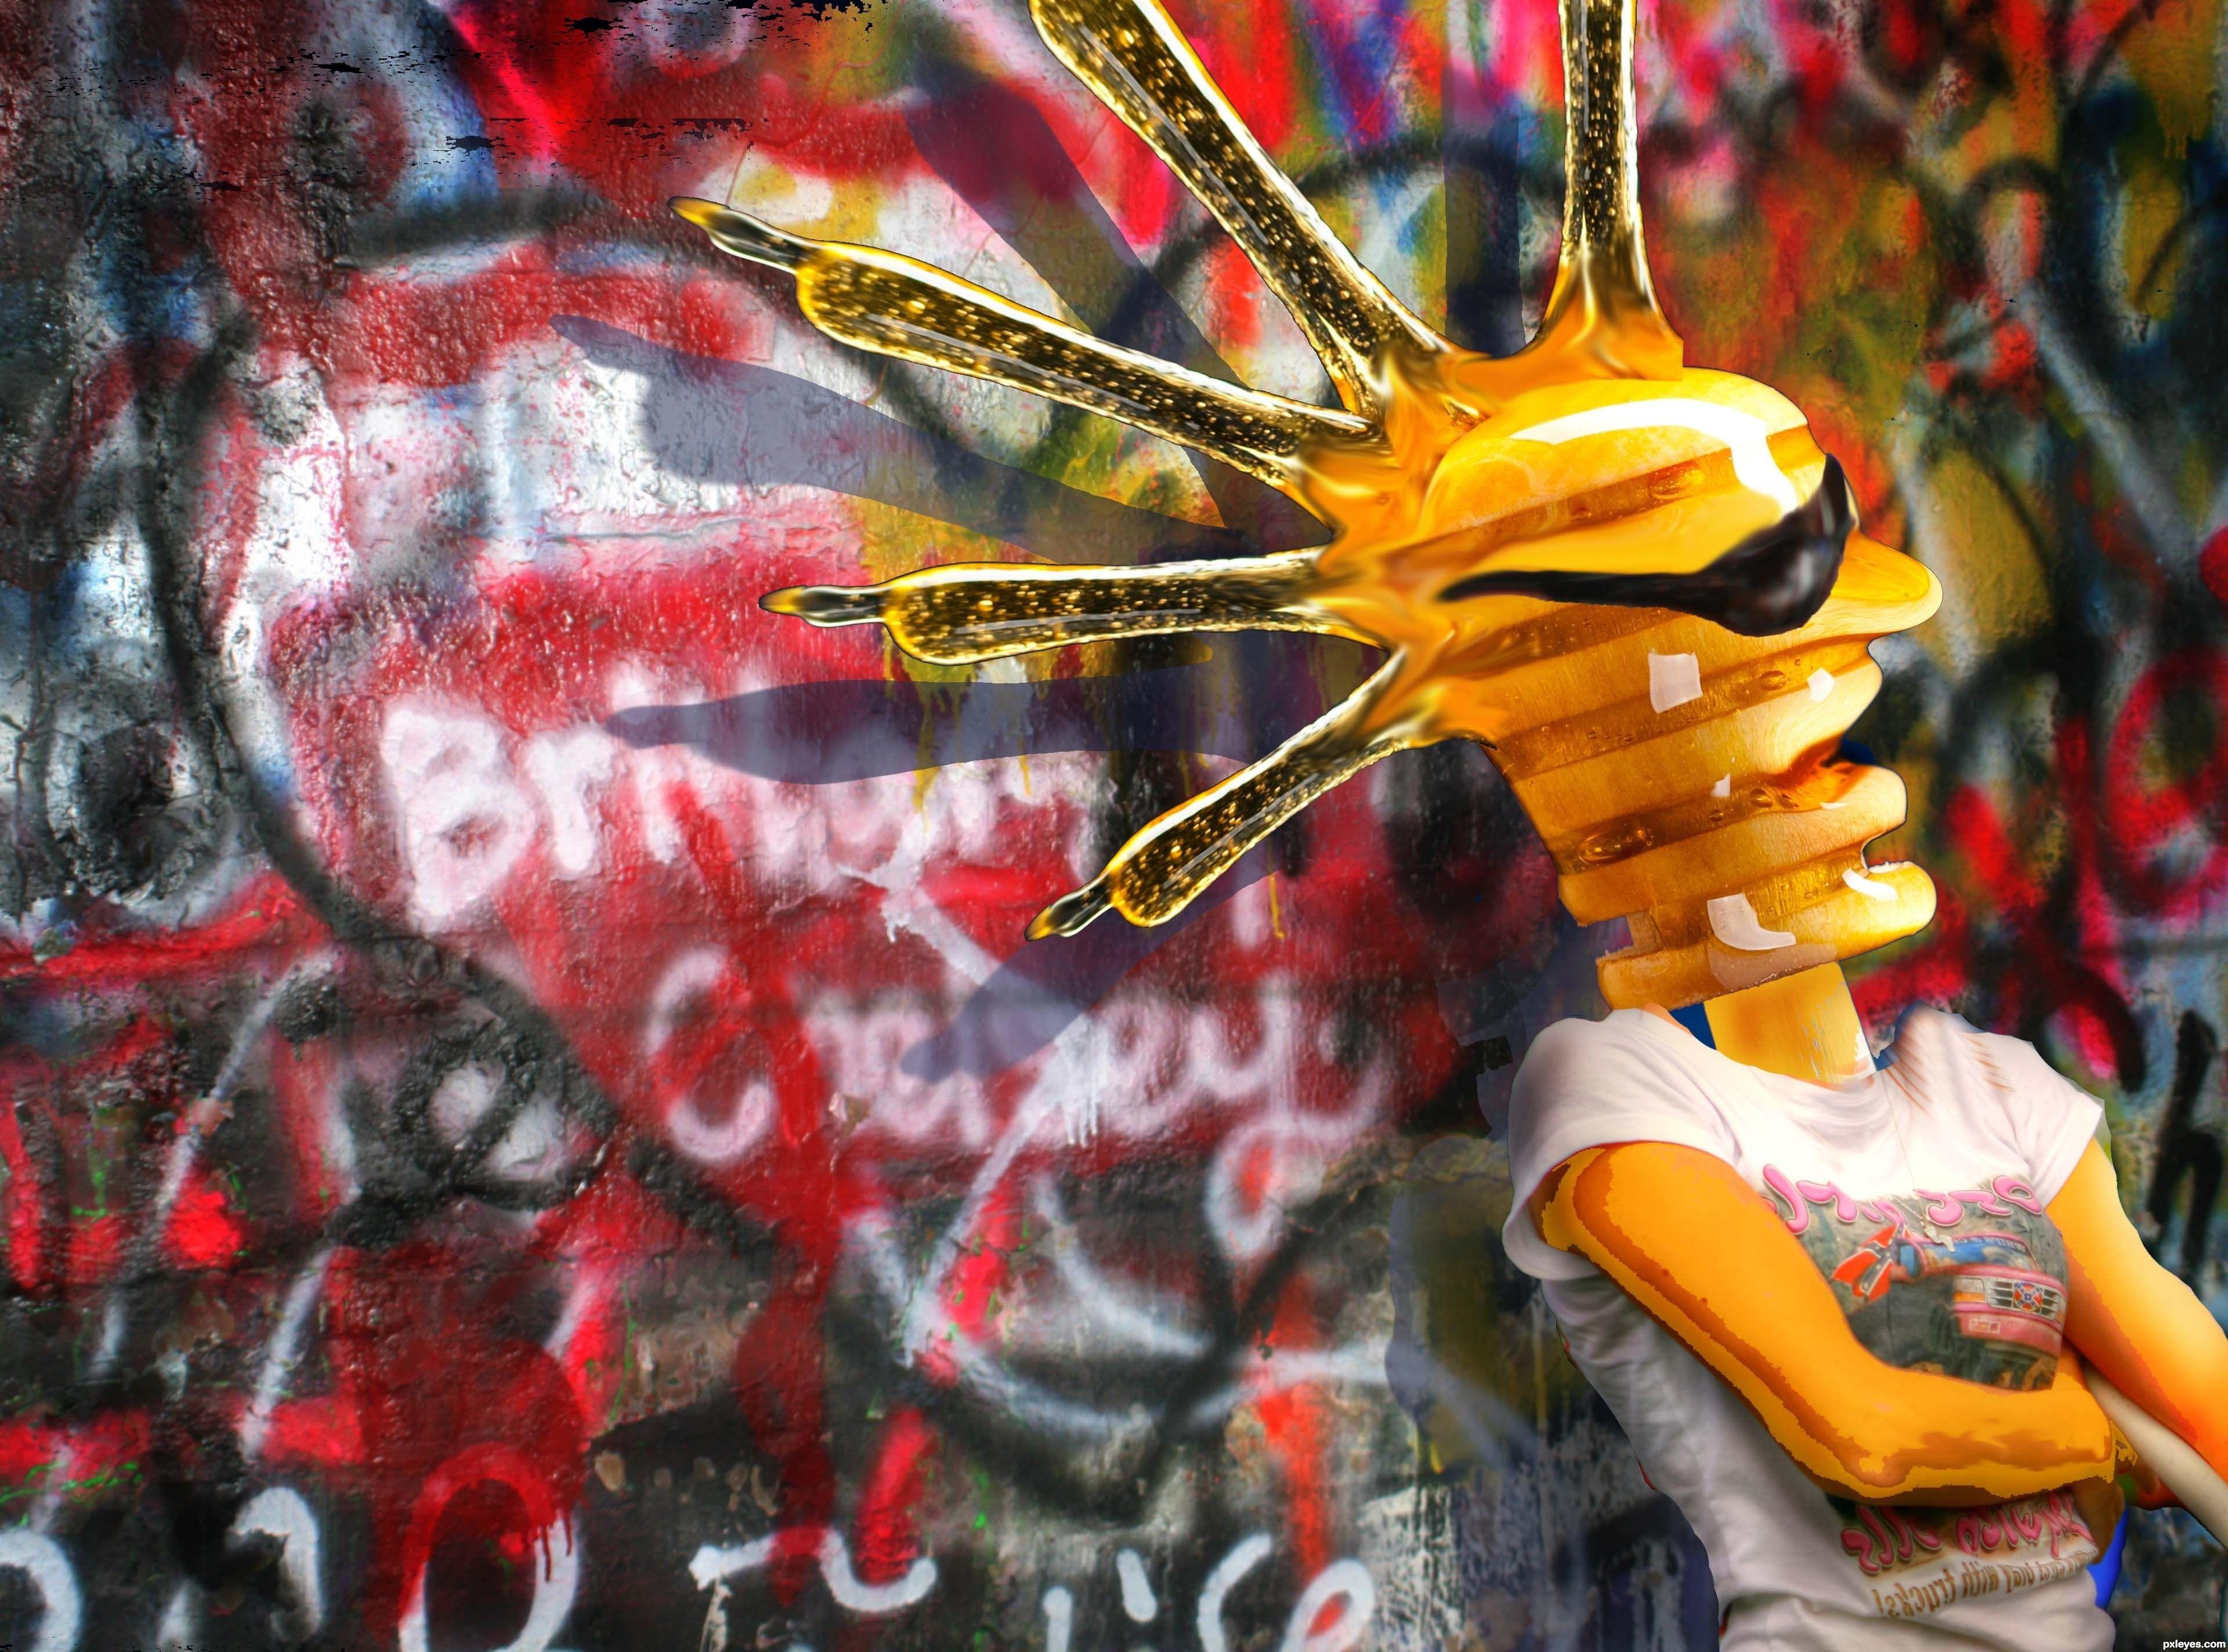 Awesome Graffiti Art Graffiti Graffiti art, Graffiti, Art